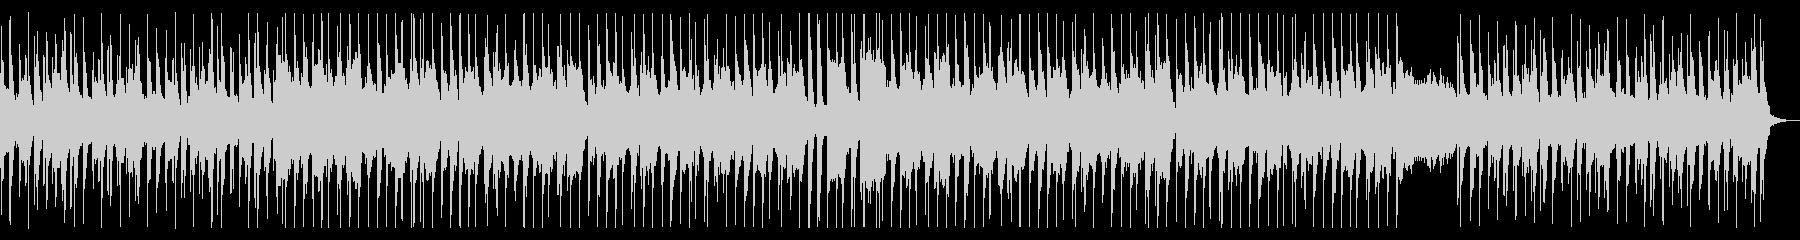 キャッチーで可愛らしいシャッフルポップスの未再生の波形